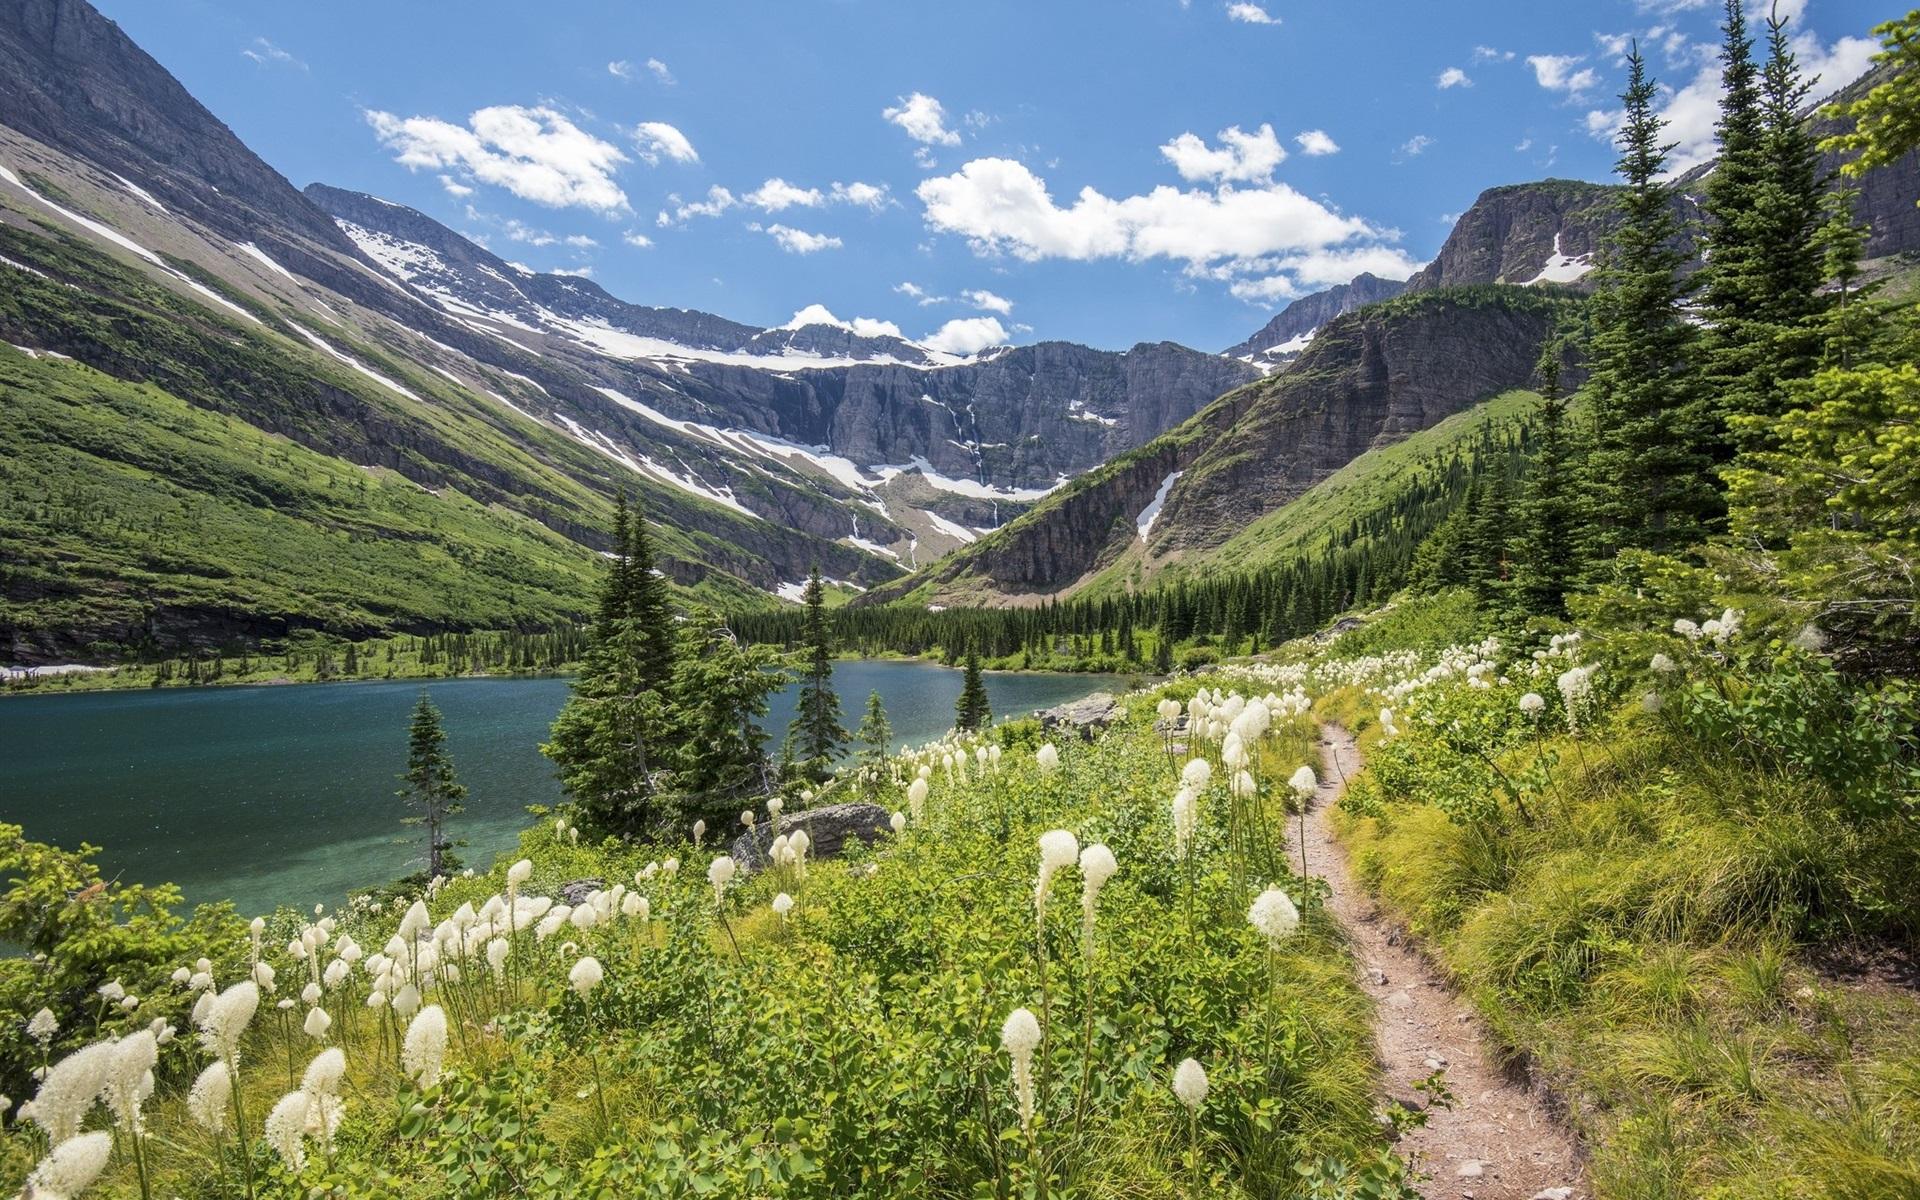 壁紙 湖 山 草 花 雲 自然の風景 1920x1200 Hd 無料の